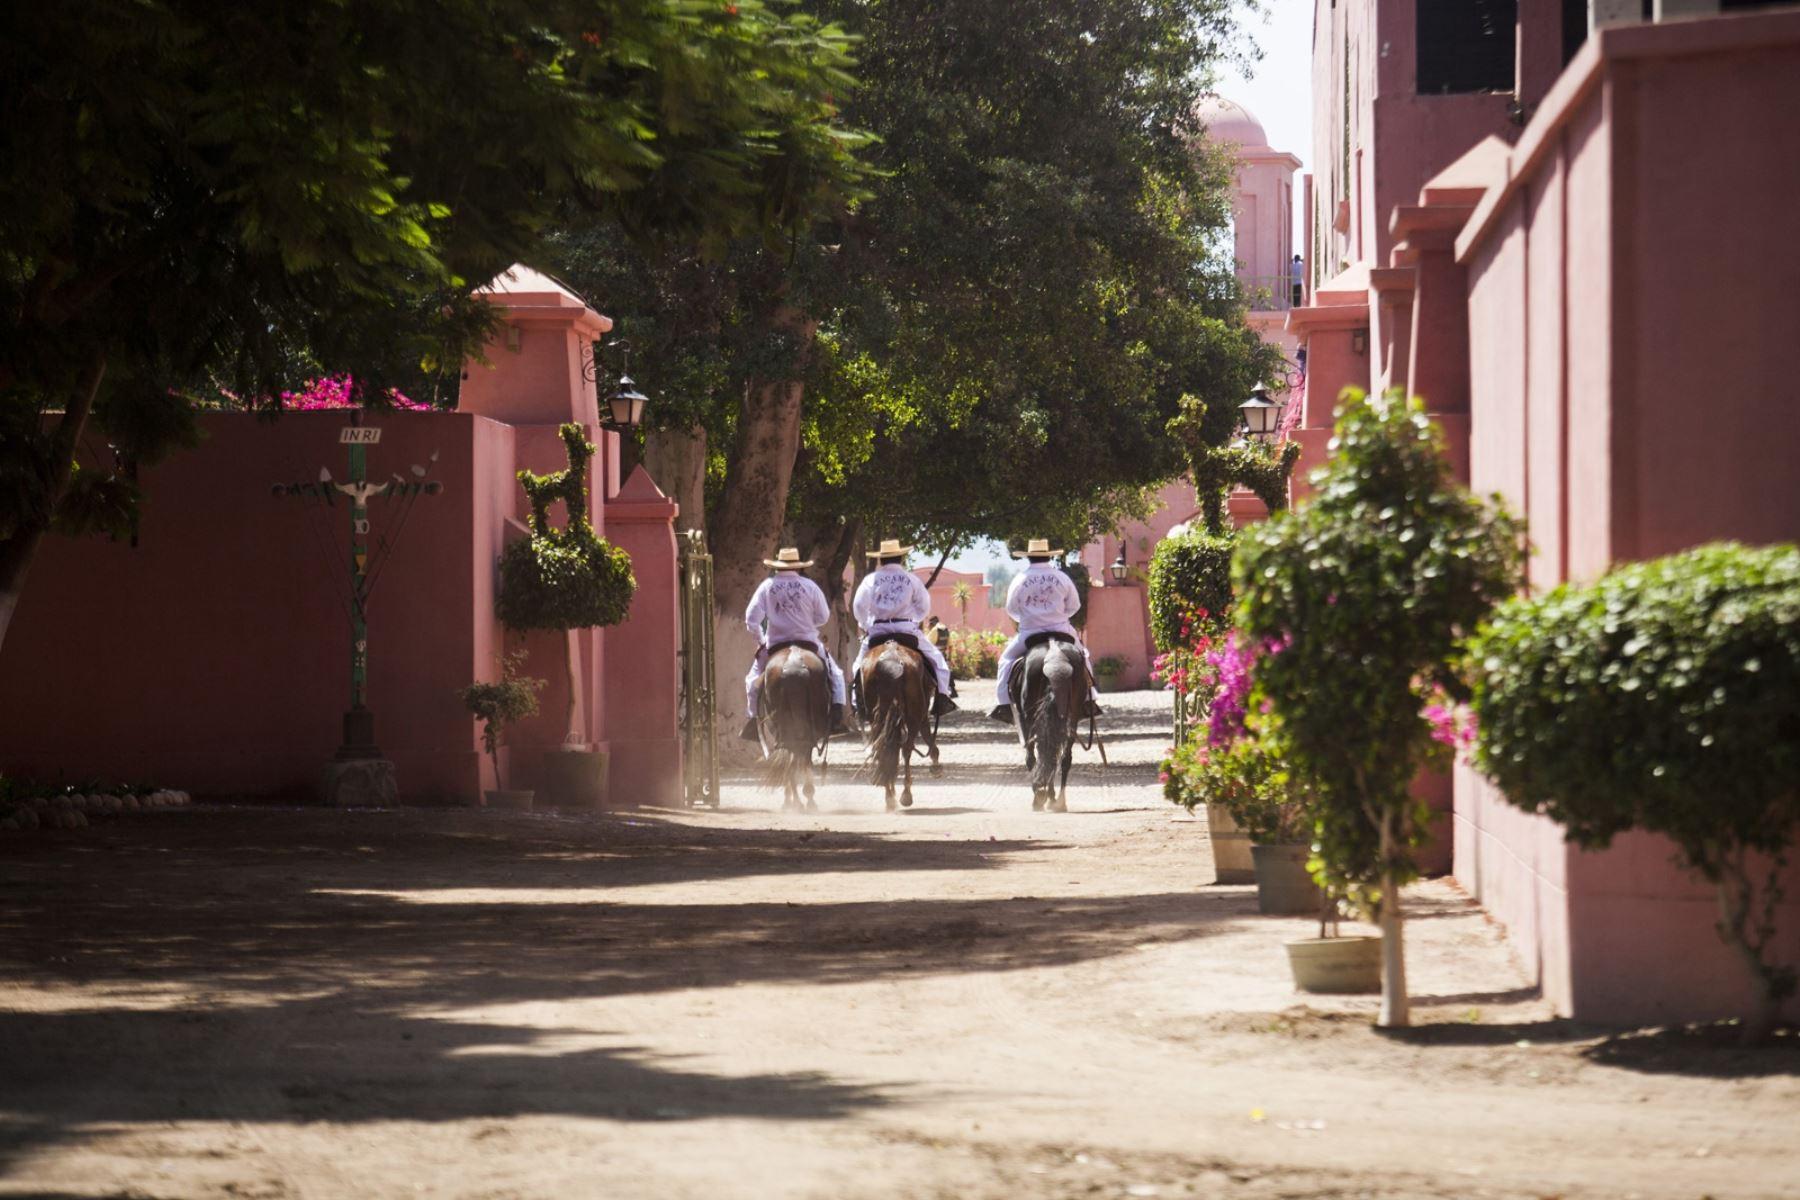 Como para afianzar nuestra identidad peruana, los anfitriones ofrecen a los afortunados visitantes un espectáculo de caballos peruano de paso al ritmo de la marinera norteña. Foto: Promperú/Daniel Silva